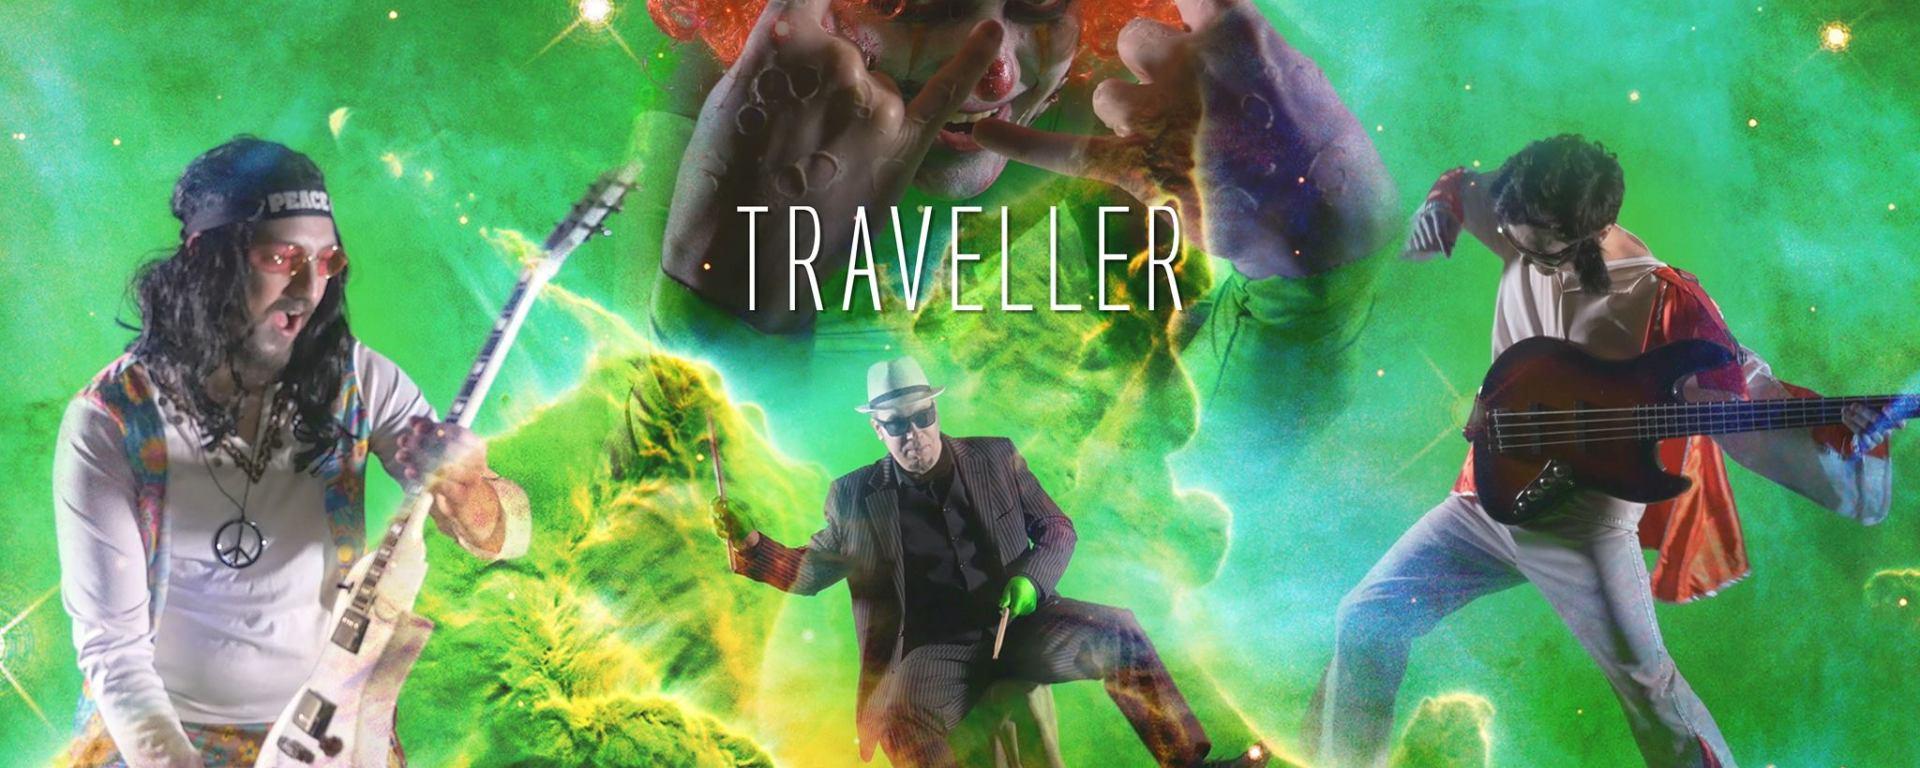 """Trupa C.O.D. a lansat videoclipul pentru single-ul """"Traveller"""""""